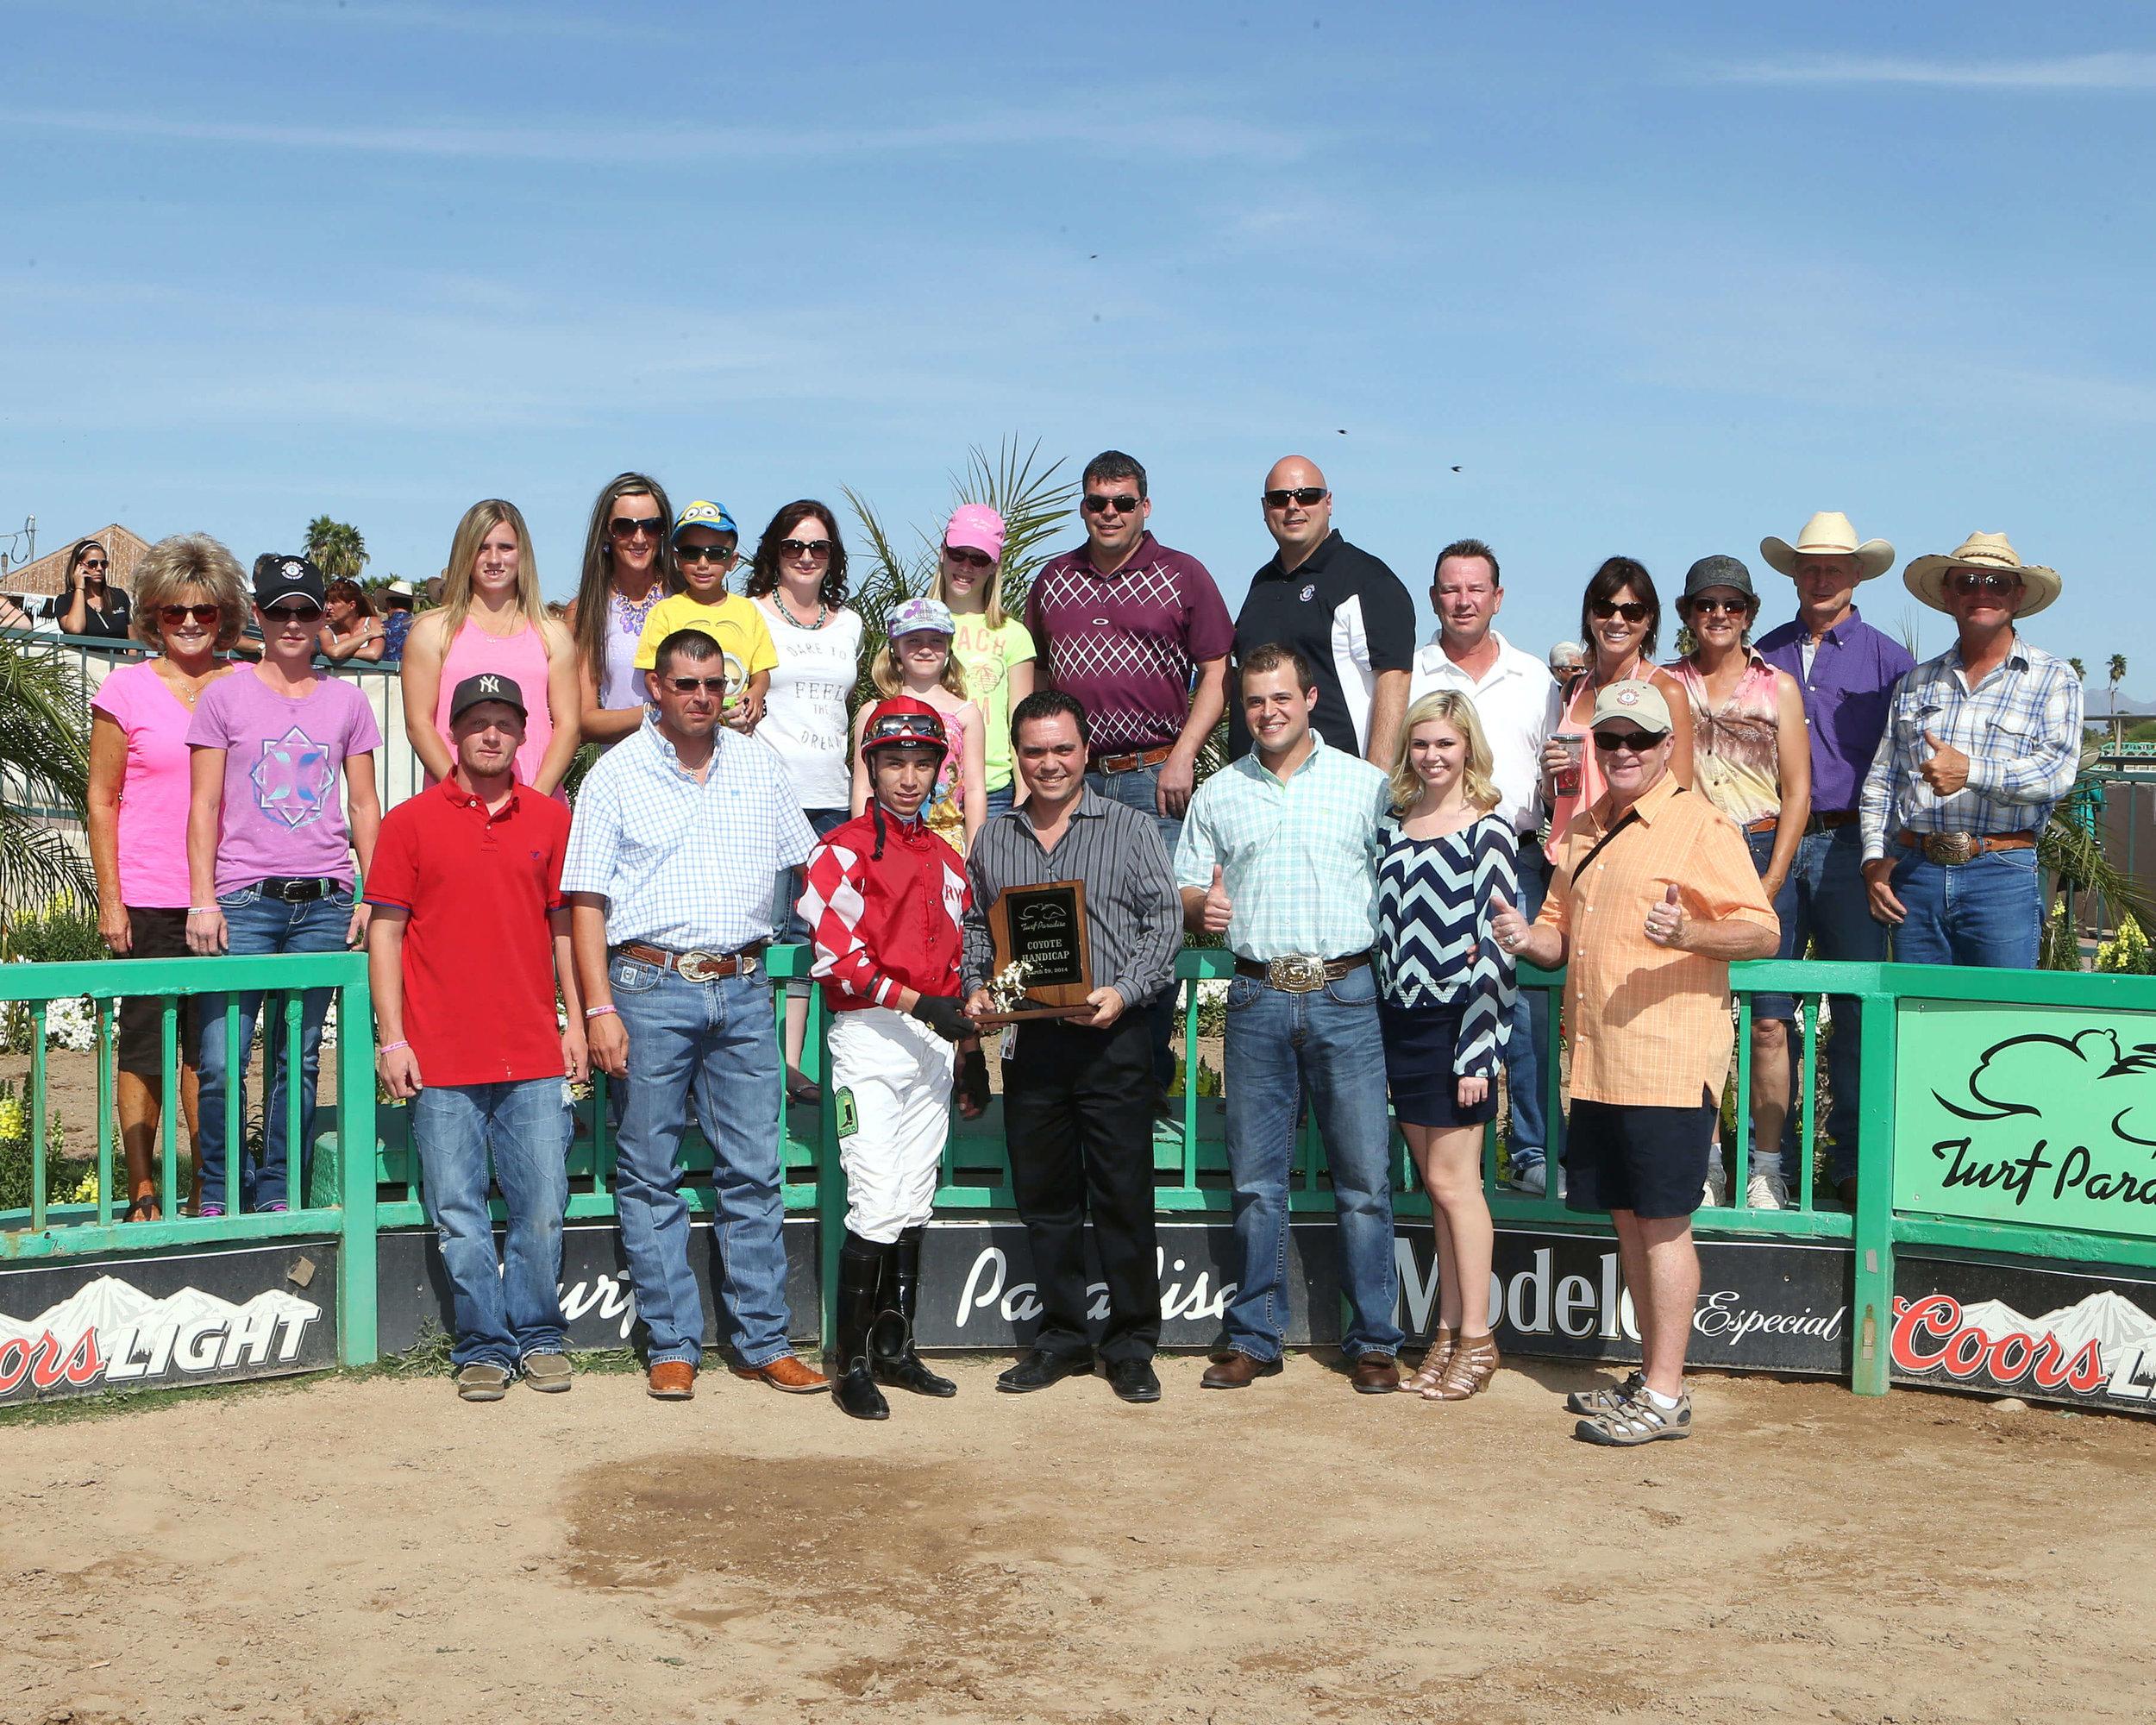 LA Weekend - Coyote Handicap  - 03-29-14 - R04 - TUP - Presentation (1).jpg